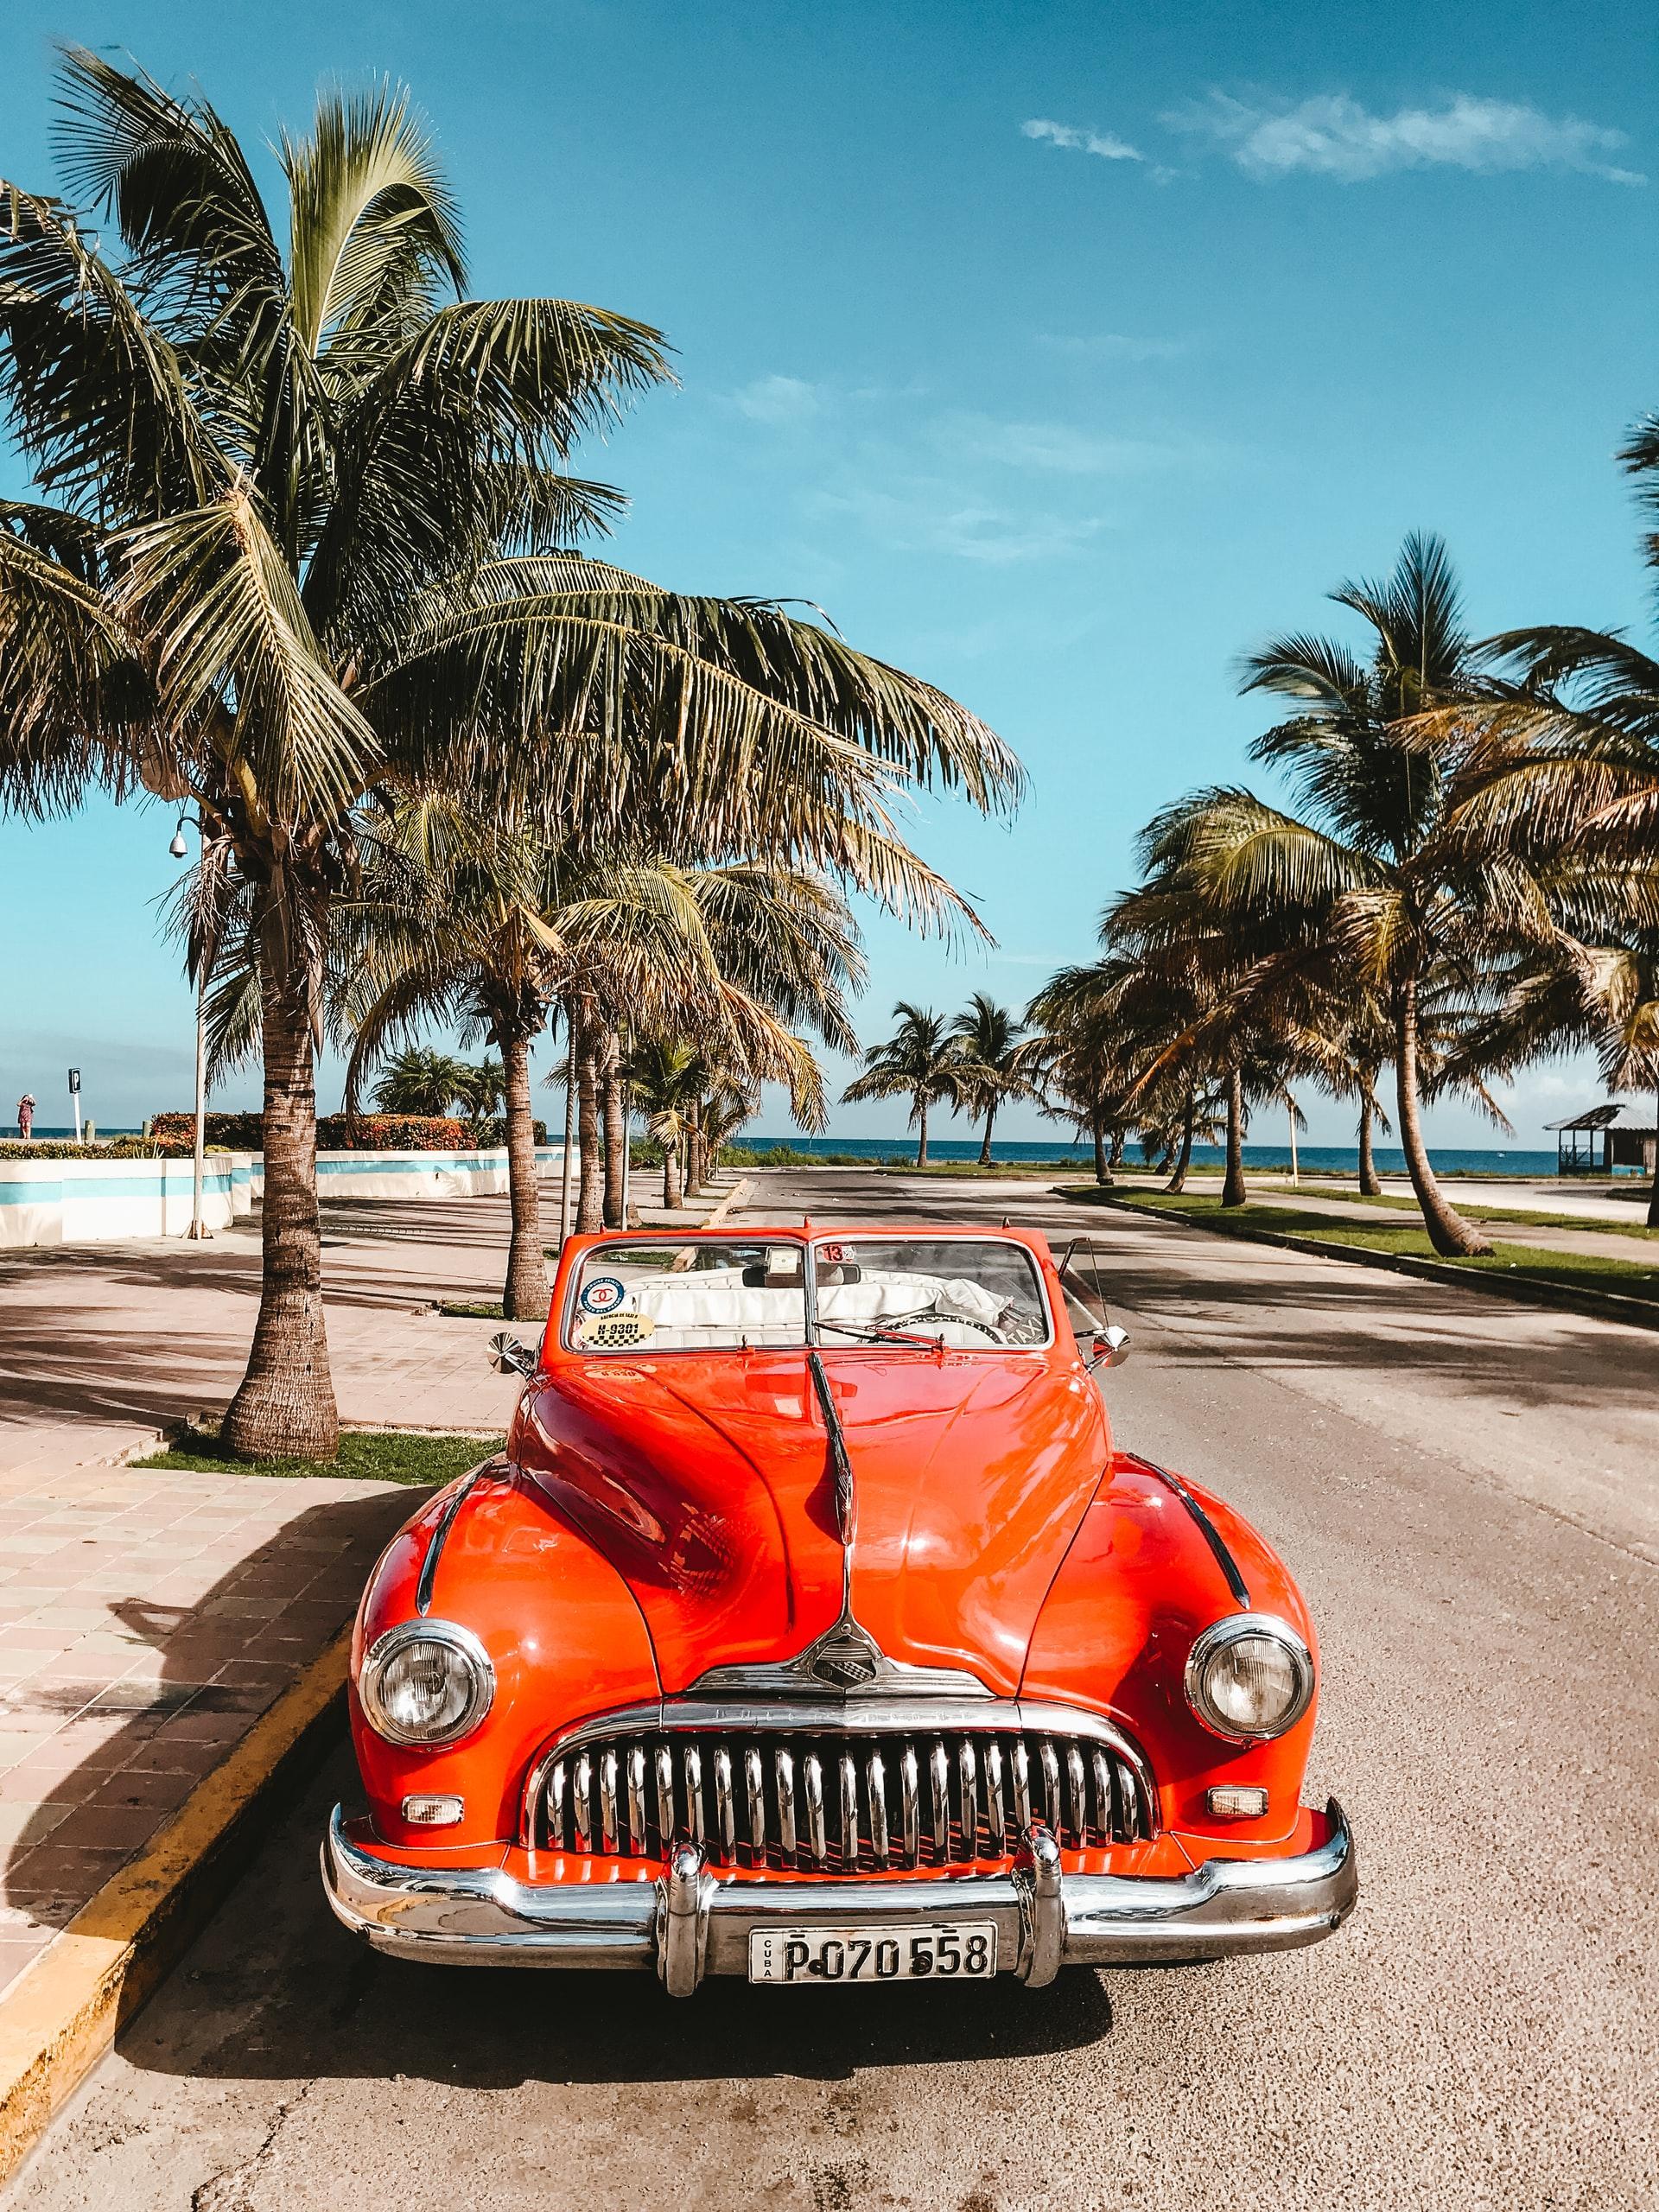 Κούβα  Αβάνα - Κάγιο Σάντα Μαρία  9 μέρες